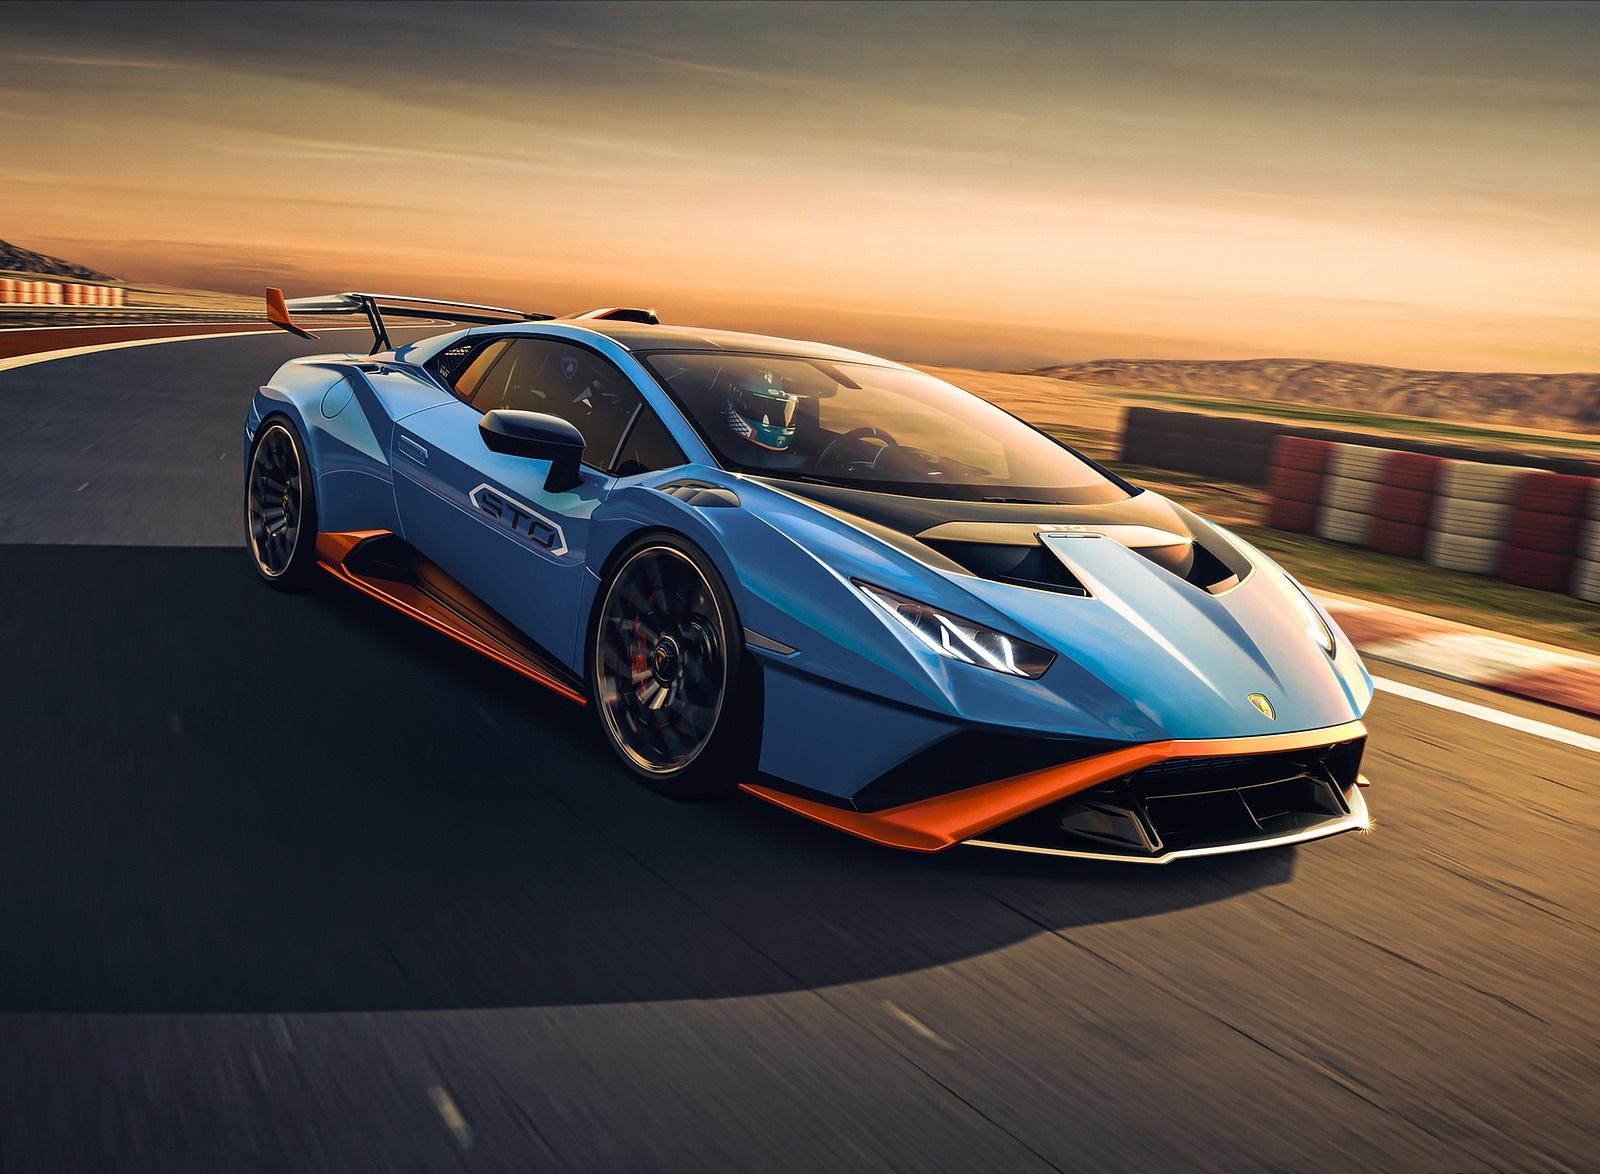 2021 Lamborghini Huracán STO Front Three-Quarter Wallpapers (1)